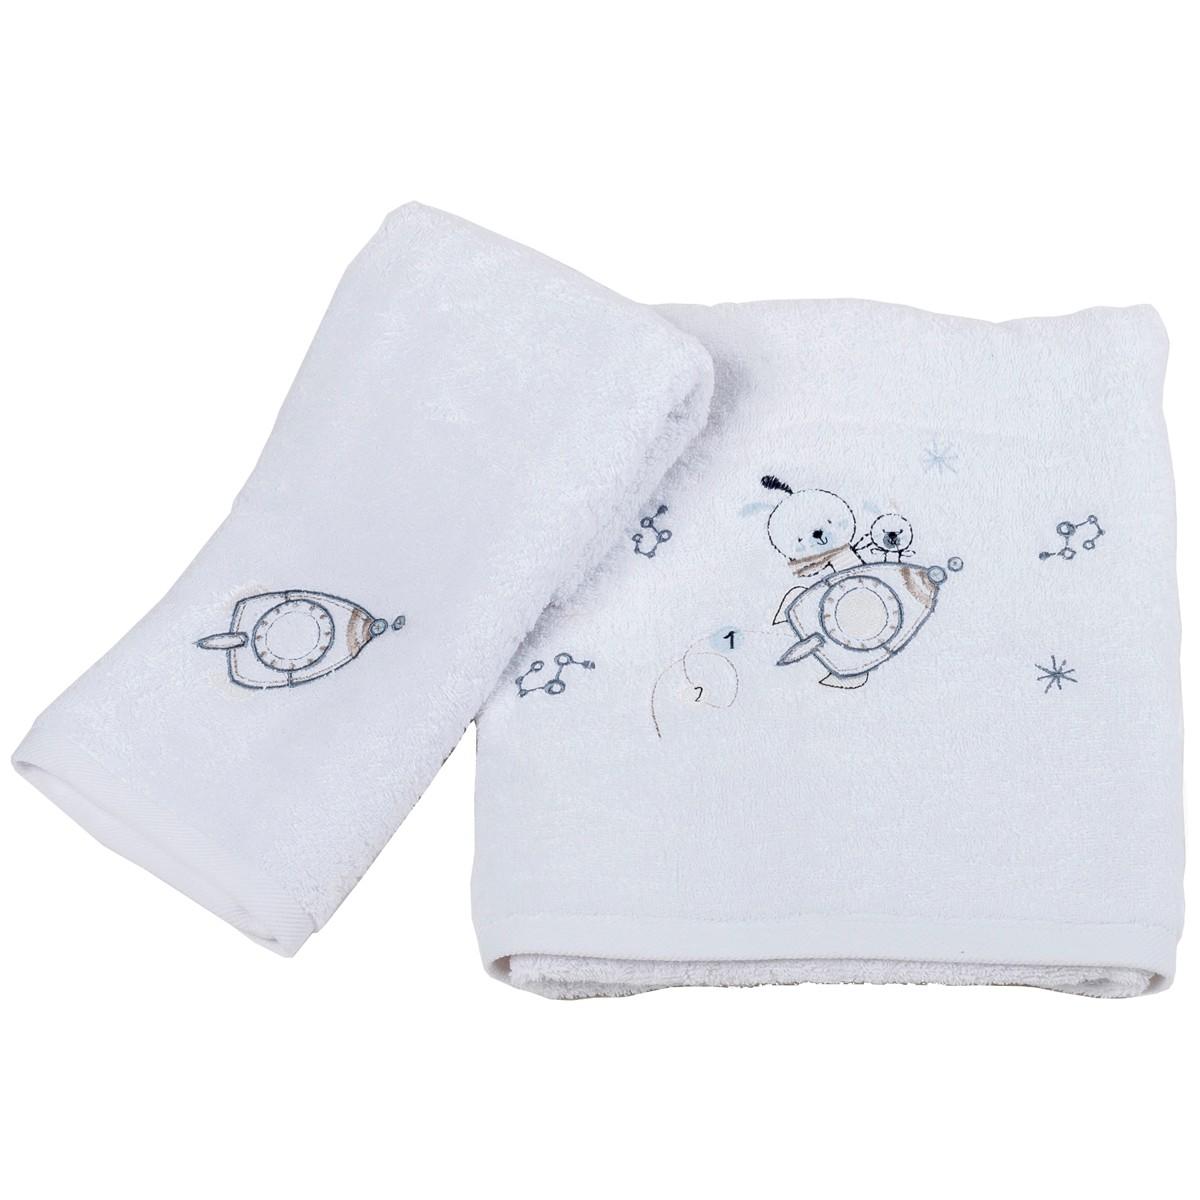 Βρεφικές Πετσέτες (Σετ 2τμχ) Κόσμος Του Μωρού Rabbit 0550